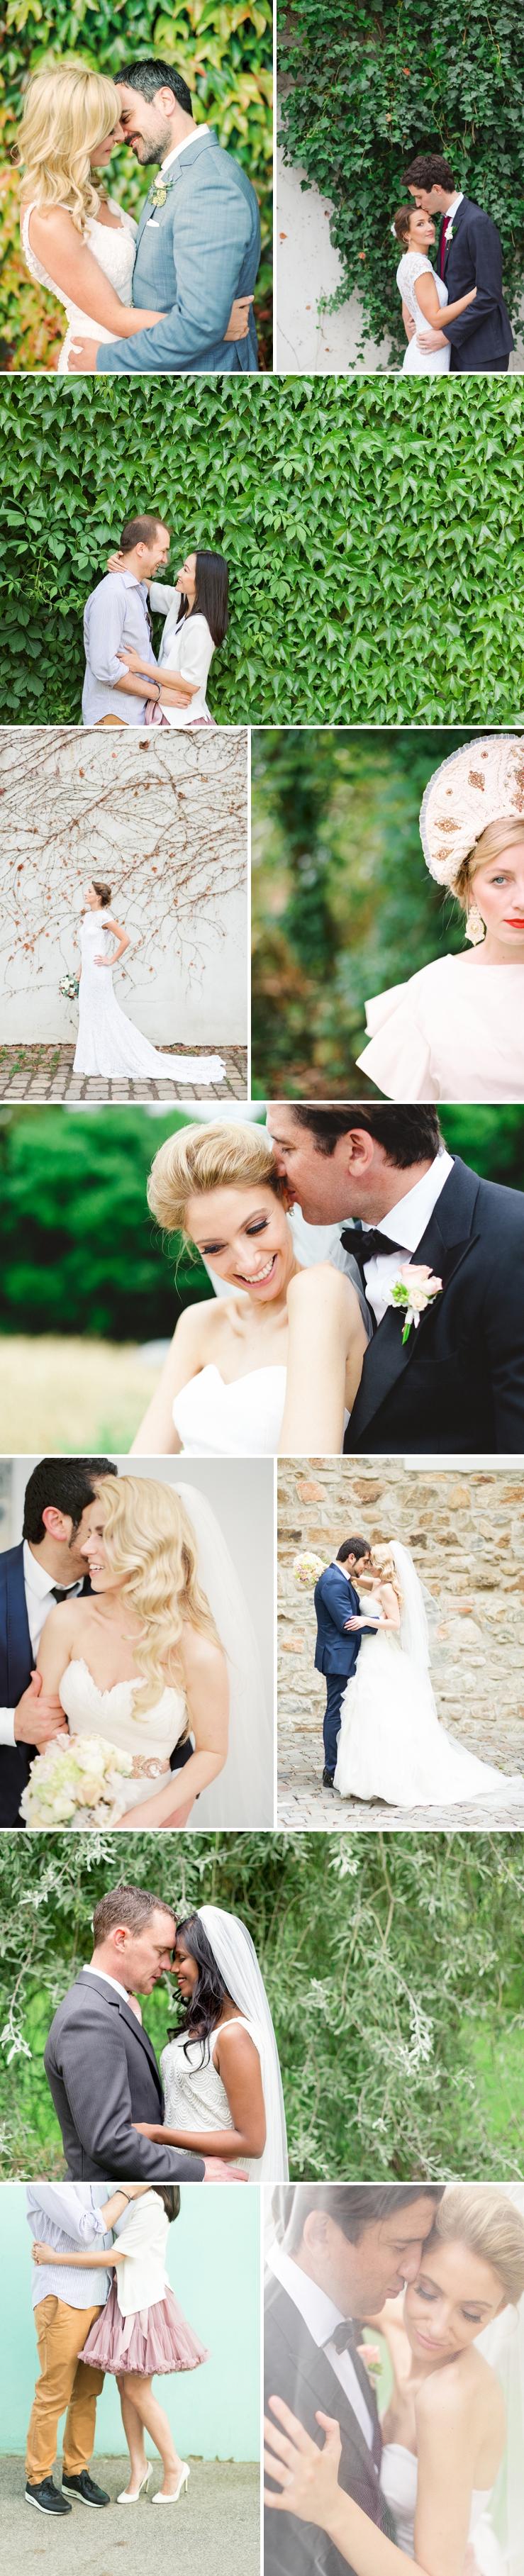 Perfect Day, svadba, slovensko, kde fotit svadobne portrety_0038